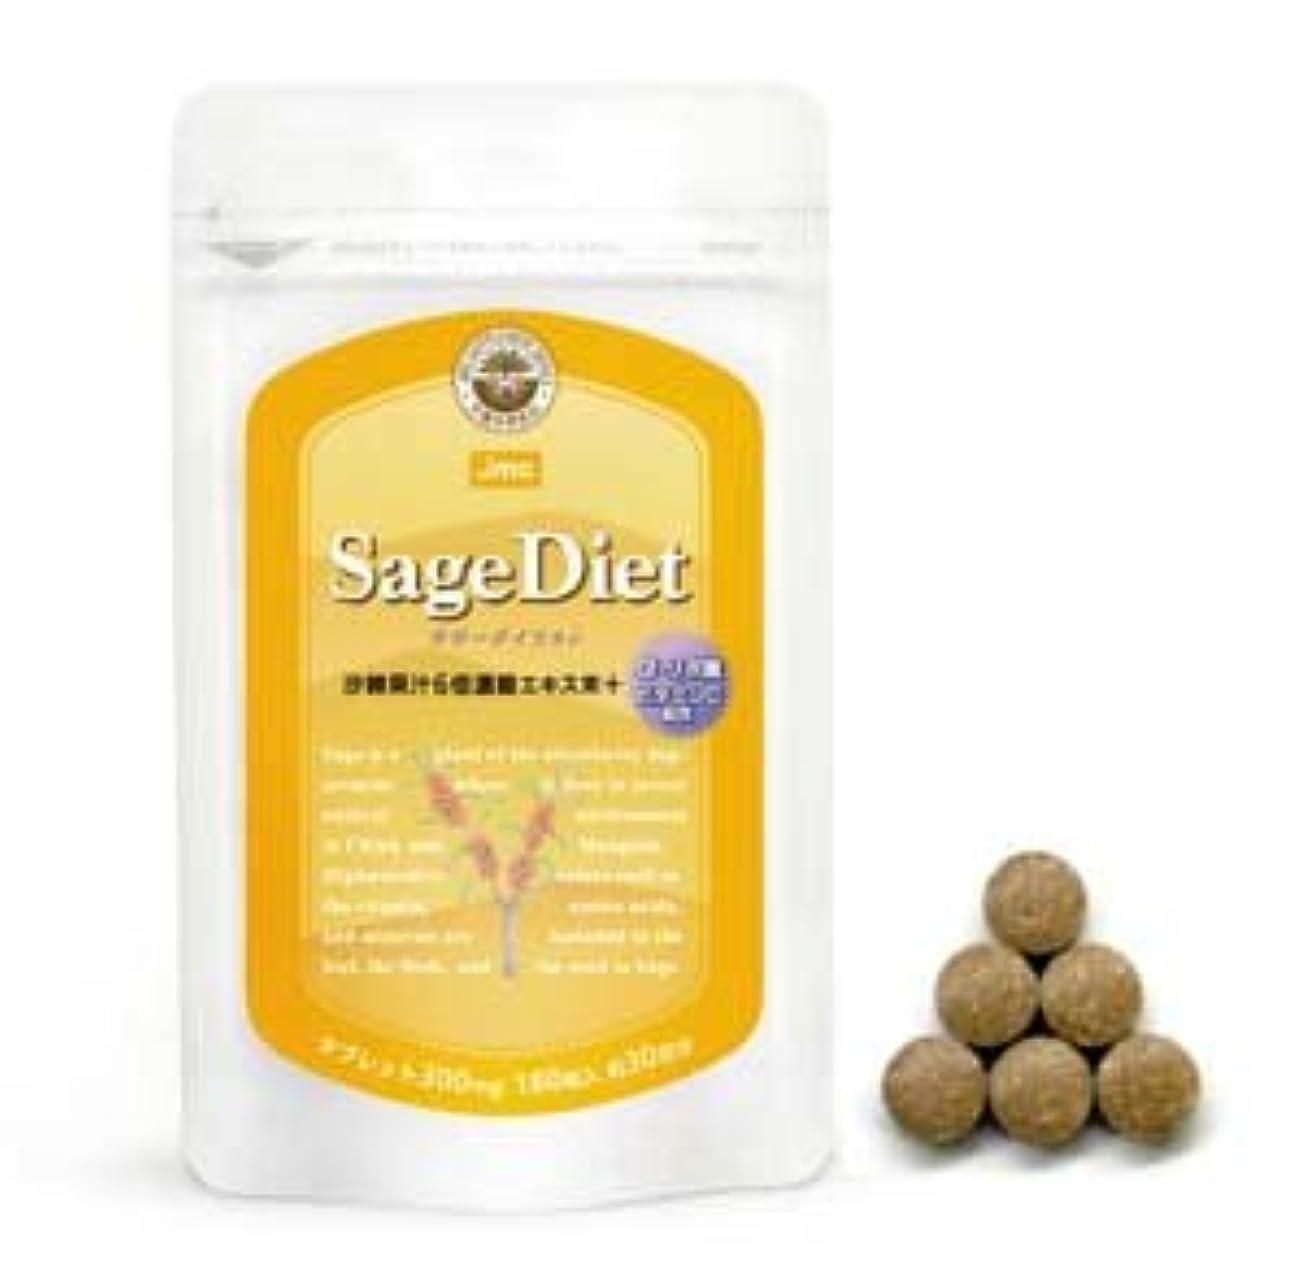 素晴らしさ平方機知に富んだジェイエムシー Sage Diet(サジーダイエット)  300mg×180粒